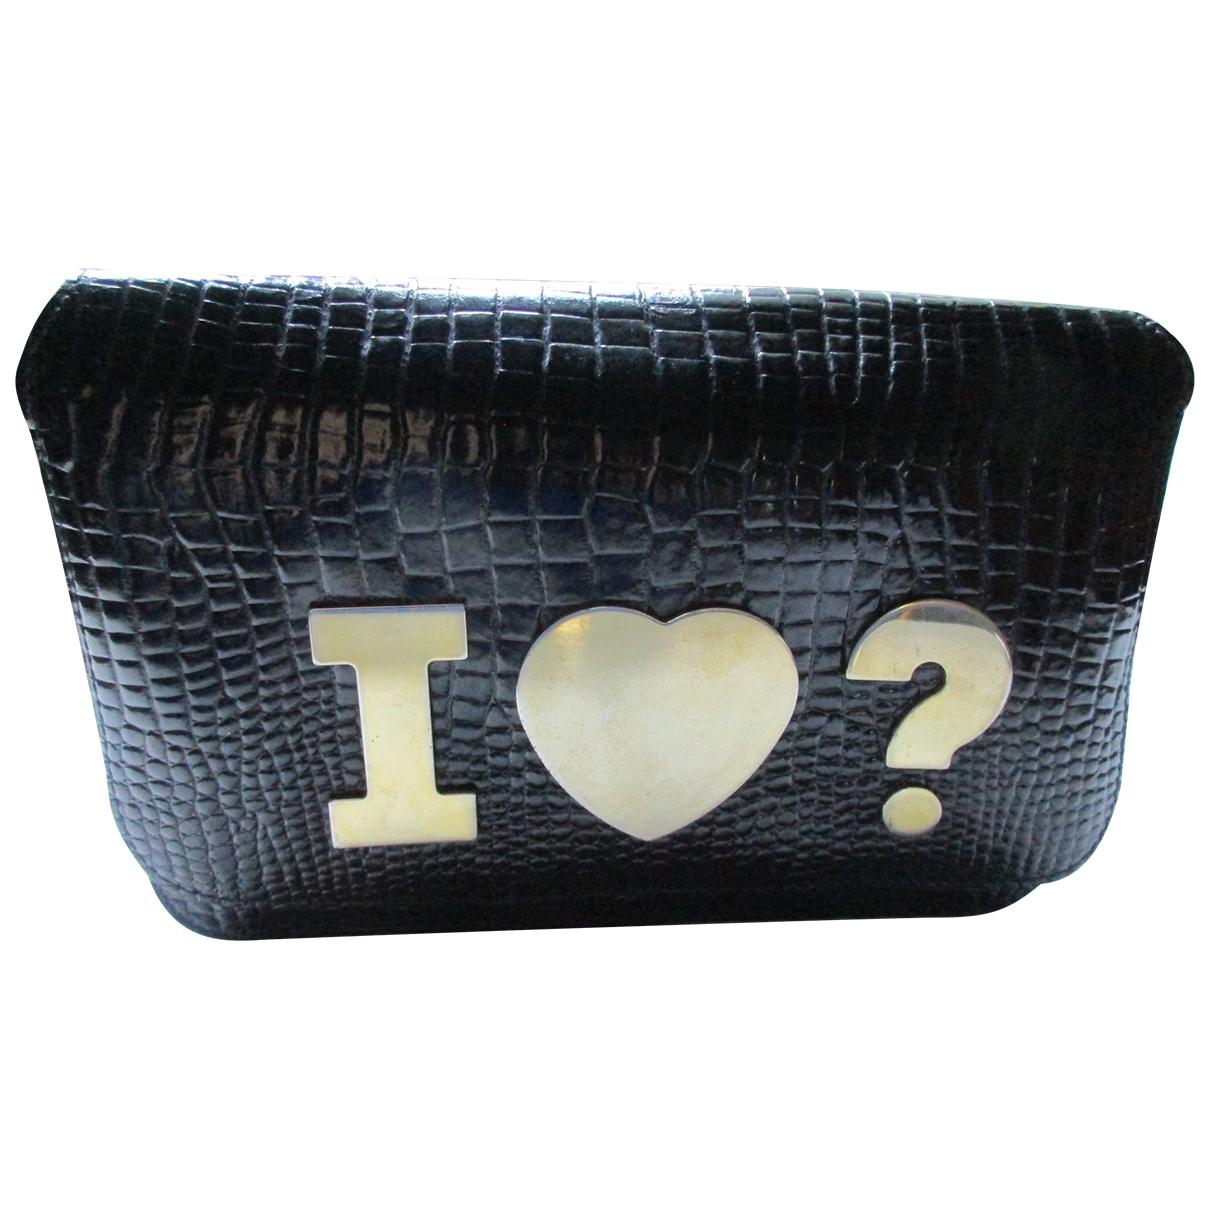 Moschino \N Handtasche in  Schwarz Lackleder